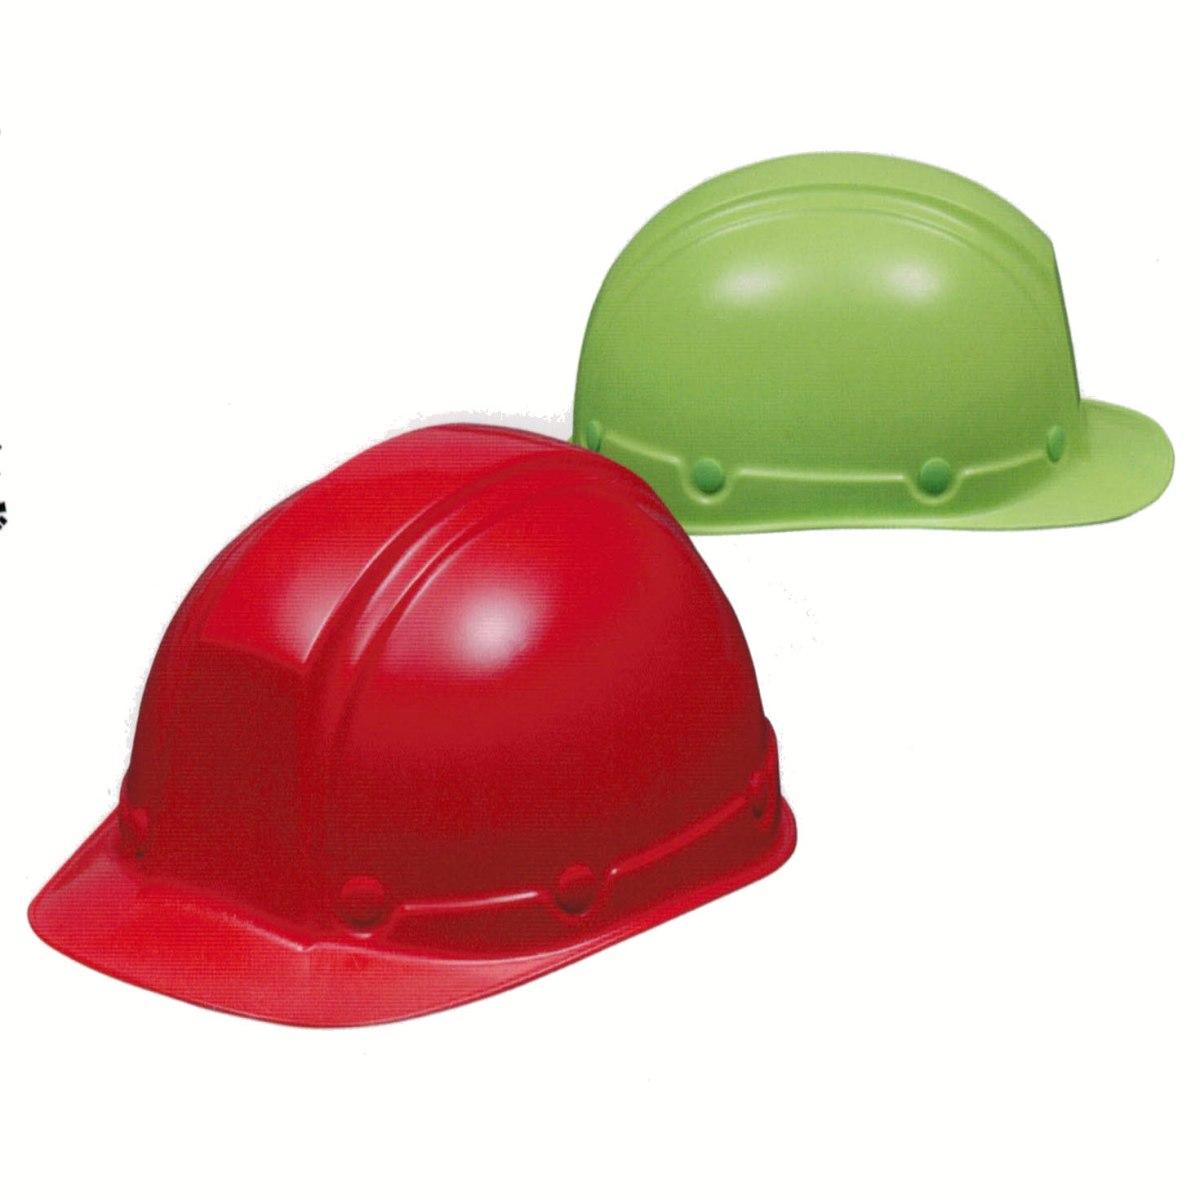 ヘルメット【作業用・工事用】KAGA/カガ/加賀産業FX-B<FRP製/耐熱・対候性/アメリカンタイプ/ひさし付き国家検定合格品/国産/安心安全